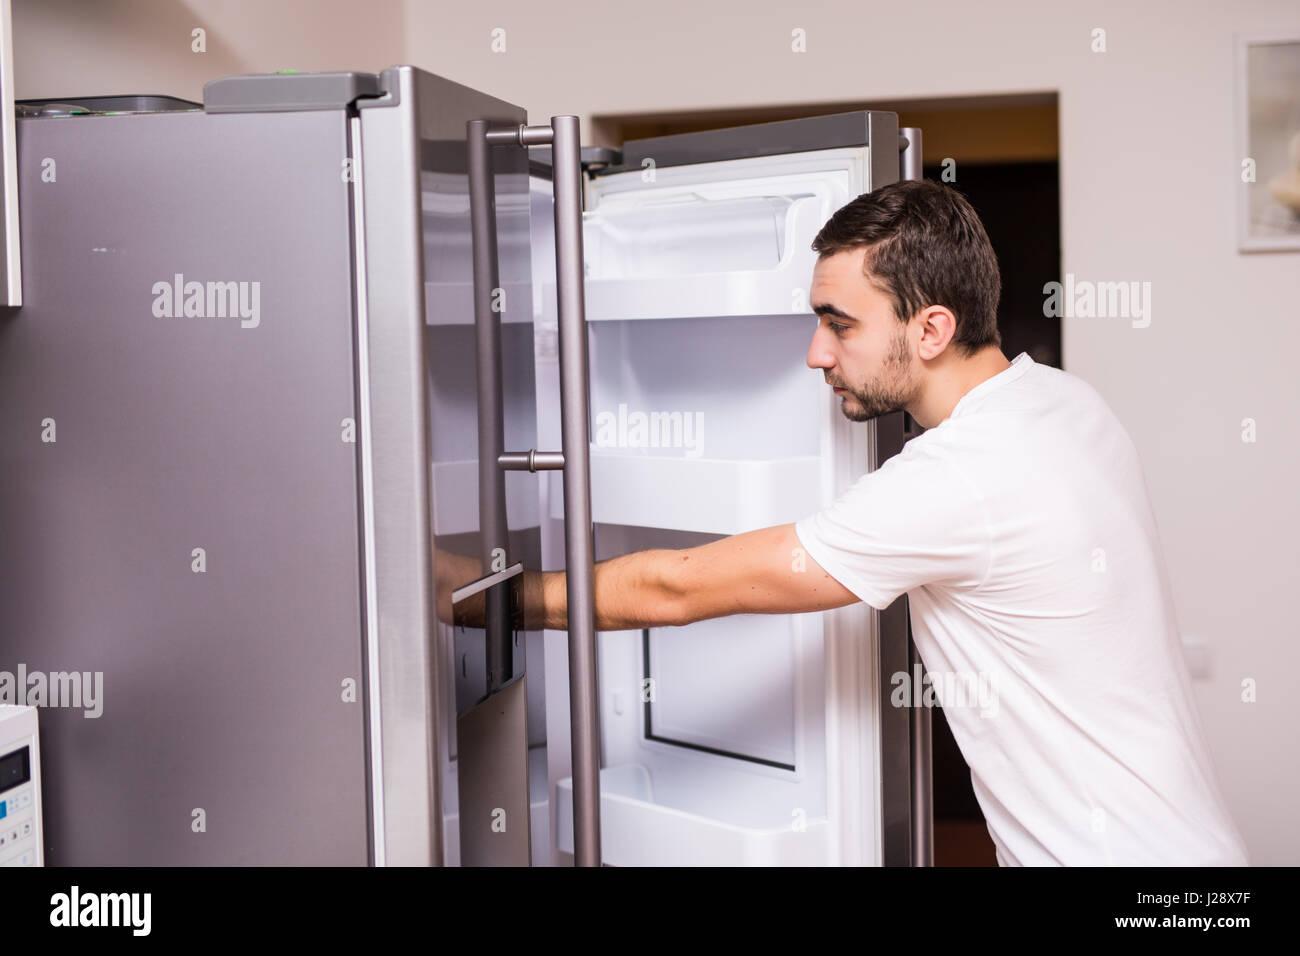 open refrigerator door. man open refrigerator door in the kitchen - stock image a